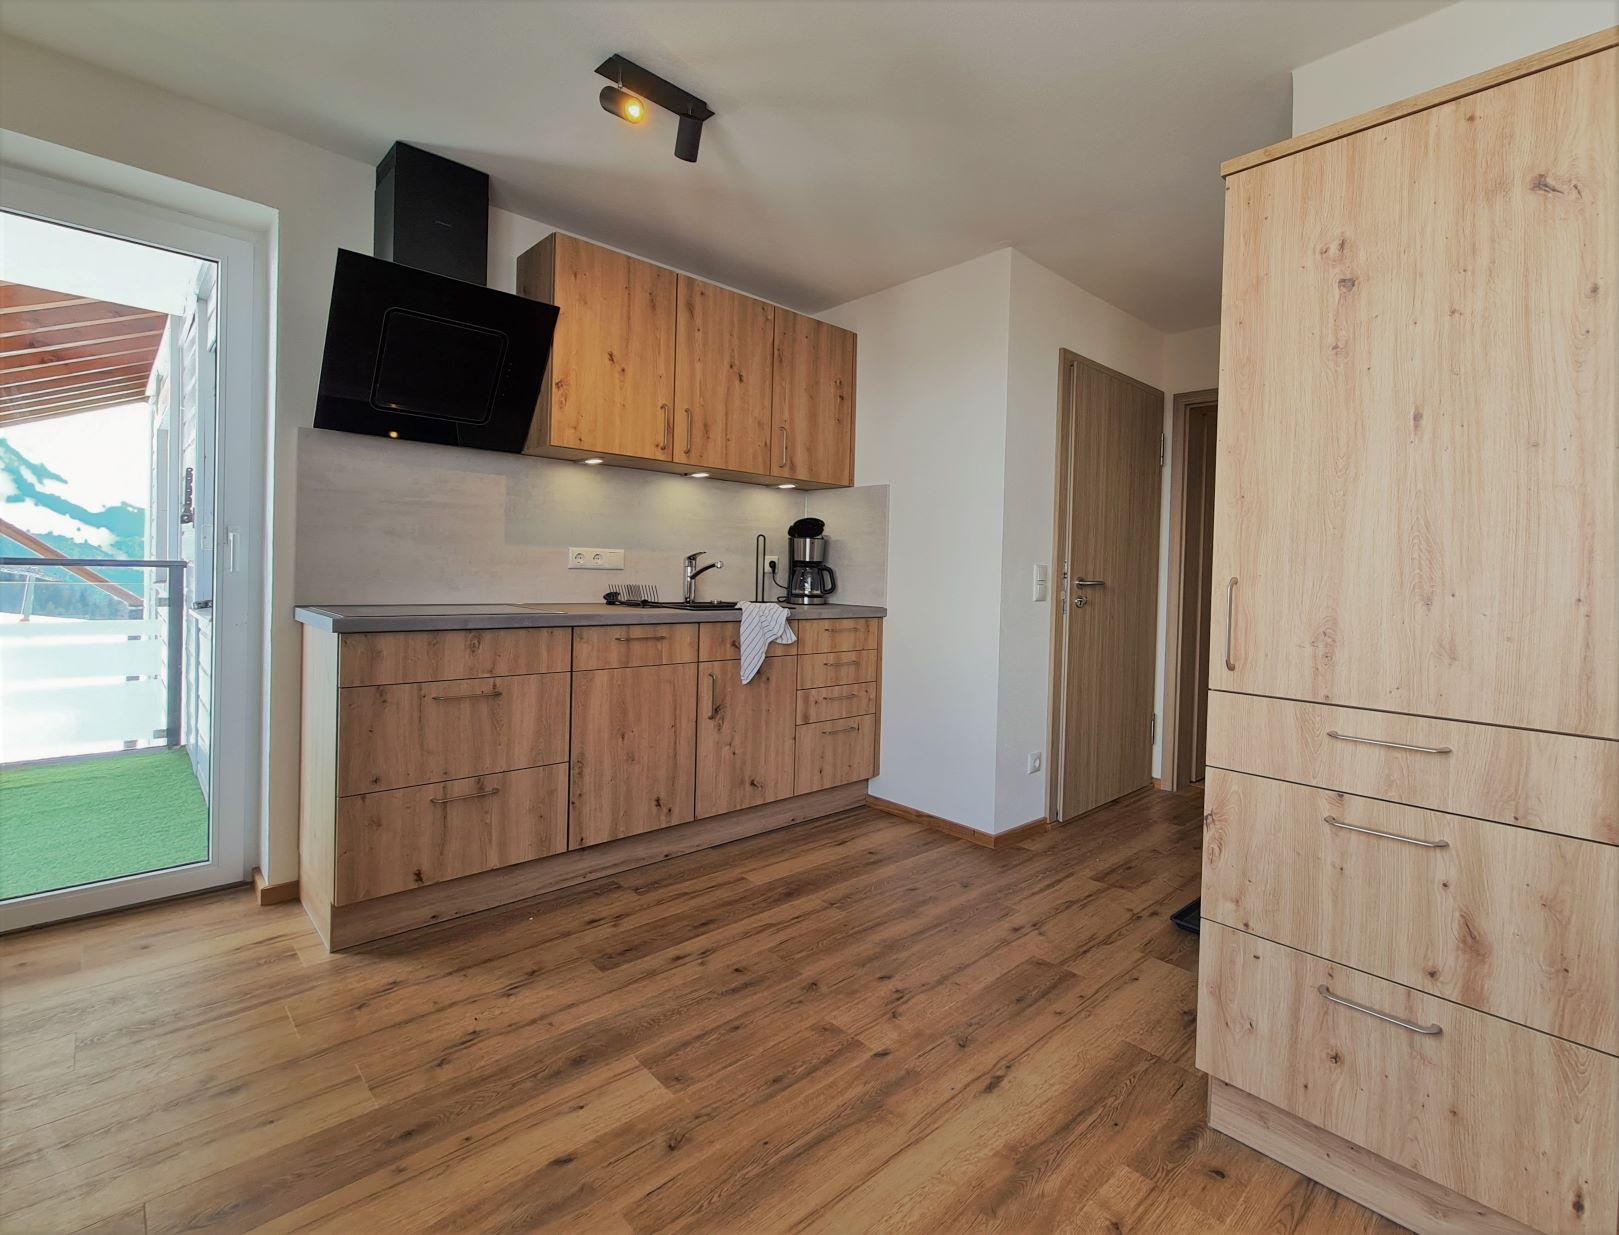 Das Appartement Bergzeit XL kann als Kombination eines Doppelzimmer Panorama und eines Appartement Standard gebucht werden. Somit ergibt sich ein Zimmer mit Doppelbett und Schlafsofa (Schlafmöglichkeit für 1-2 Kinder), ein separater Schlafbereich mit Doppelbett und ein Wohn-Essbereich mit Küche für bis zu 6 Personen. Beide Schlafbereiche verfügen über ein eigenes Bad mit Dusche und WC. Das Appartement ist ideal für Familien, die z.B. mit Oma und Opa unterwegs sind. Der Schlafbereich mit angeschlossenem Wohn-Essbereich sowie beide Bäder wurden 2020 komplett renoviert und neu gestaltet. Mit insgesamt 2 Balkonen habt ihr Blick auf den Hausberg Iseler sowie auf die Skipiste bzw. ins Ostrachtal. Der Preis bezieht sich auf eine Belegung mit 2 Erwachsenen und 2 Kindern zwischen 4 und 14 Jahren (Sommer Nebensaison).